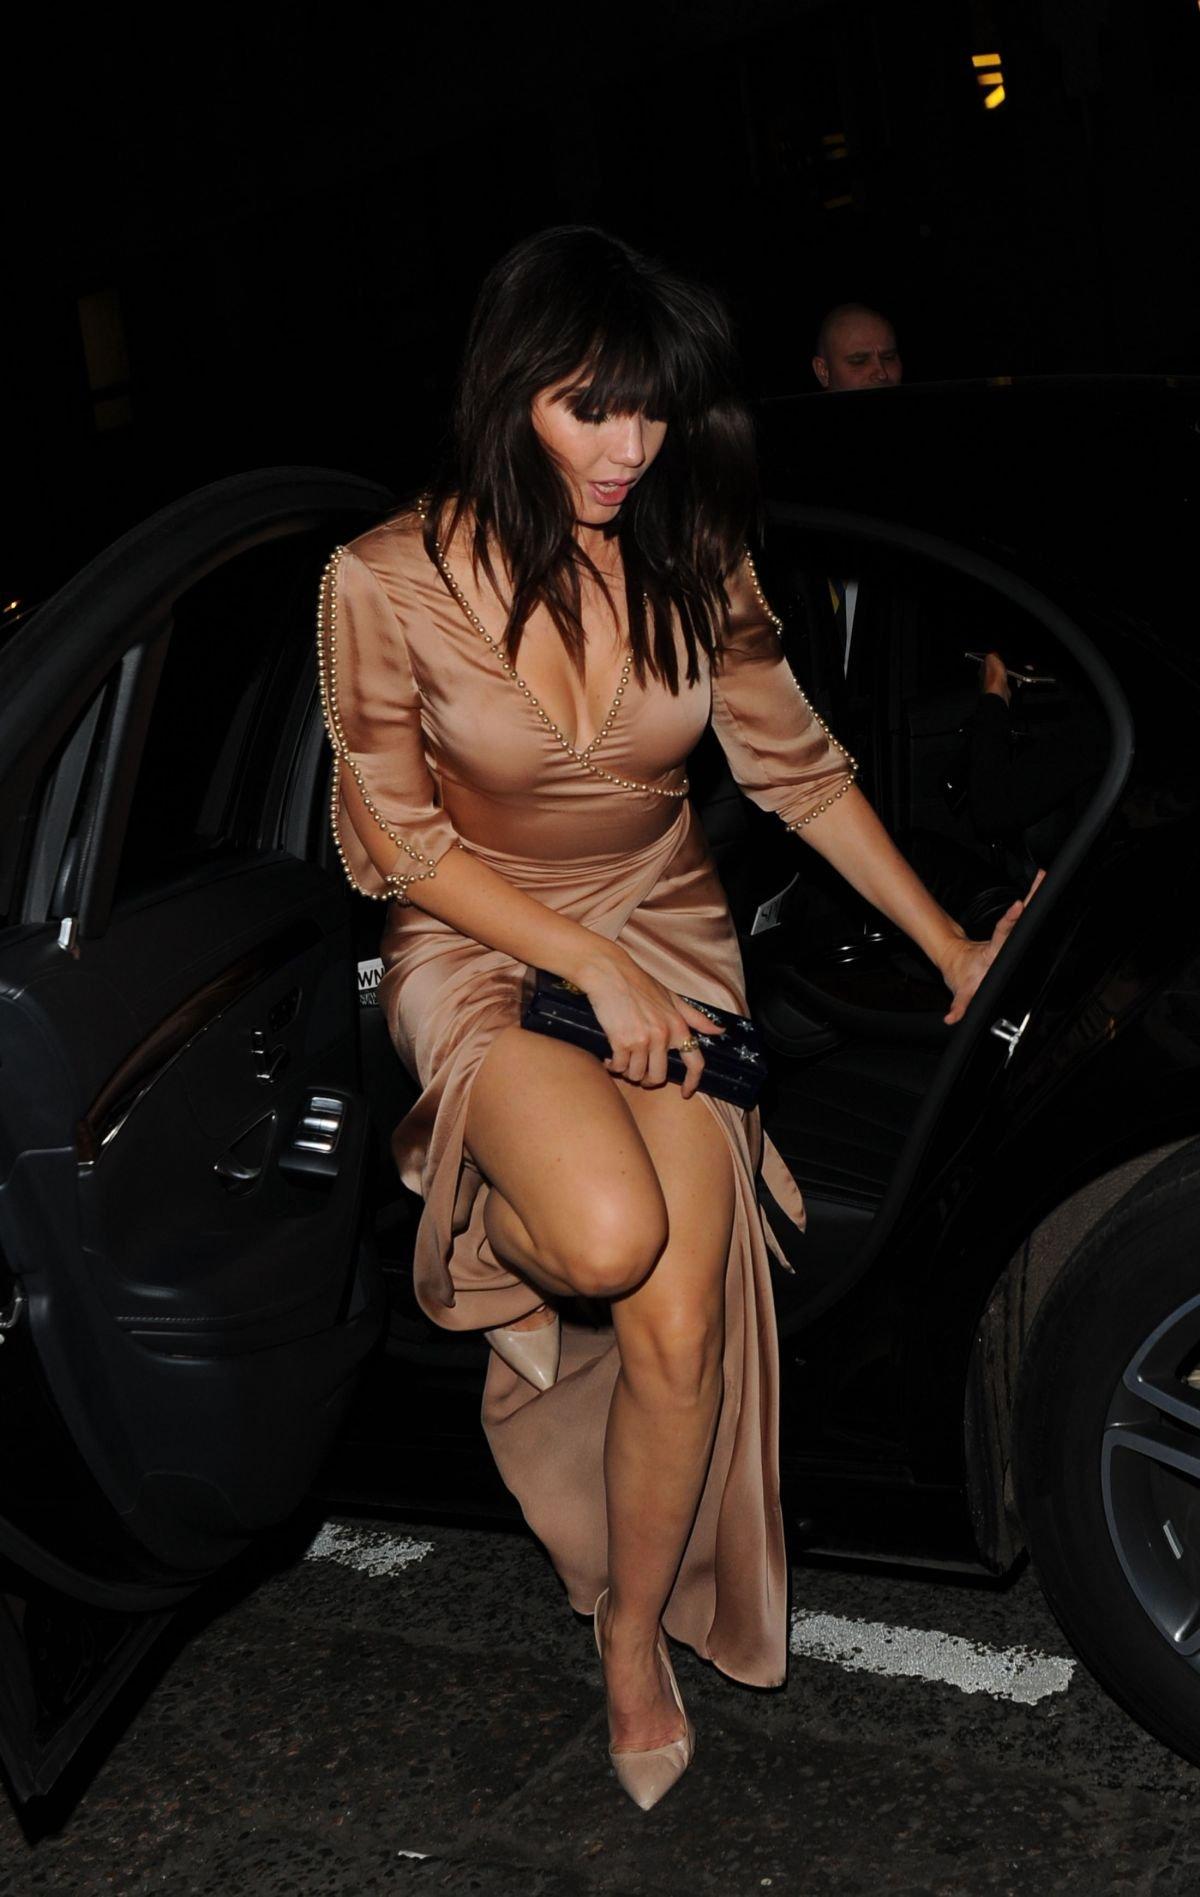 Дейзи Лоу пришла на благотворительный ужин в платье телесного цвета